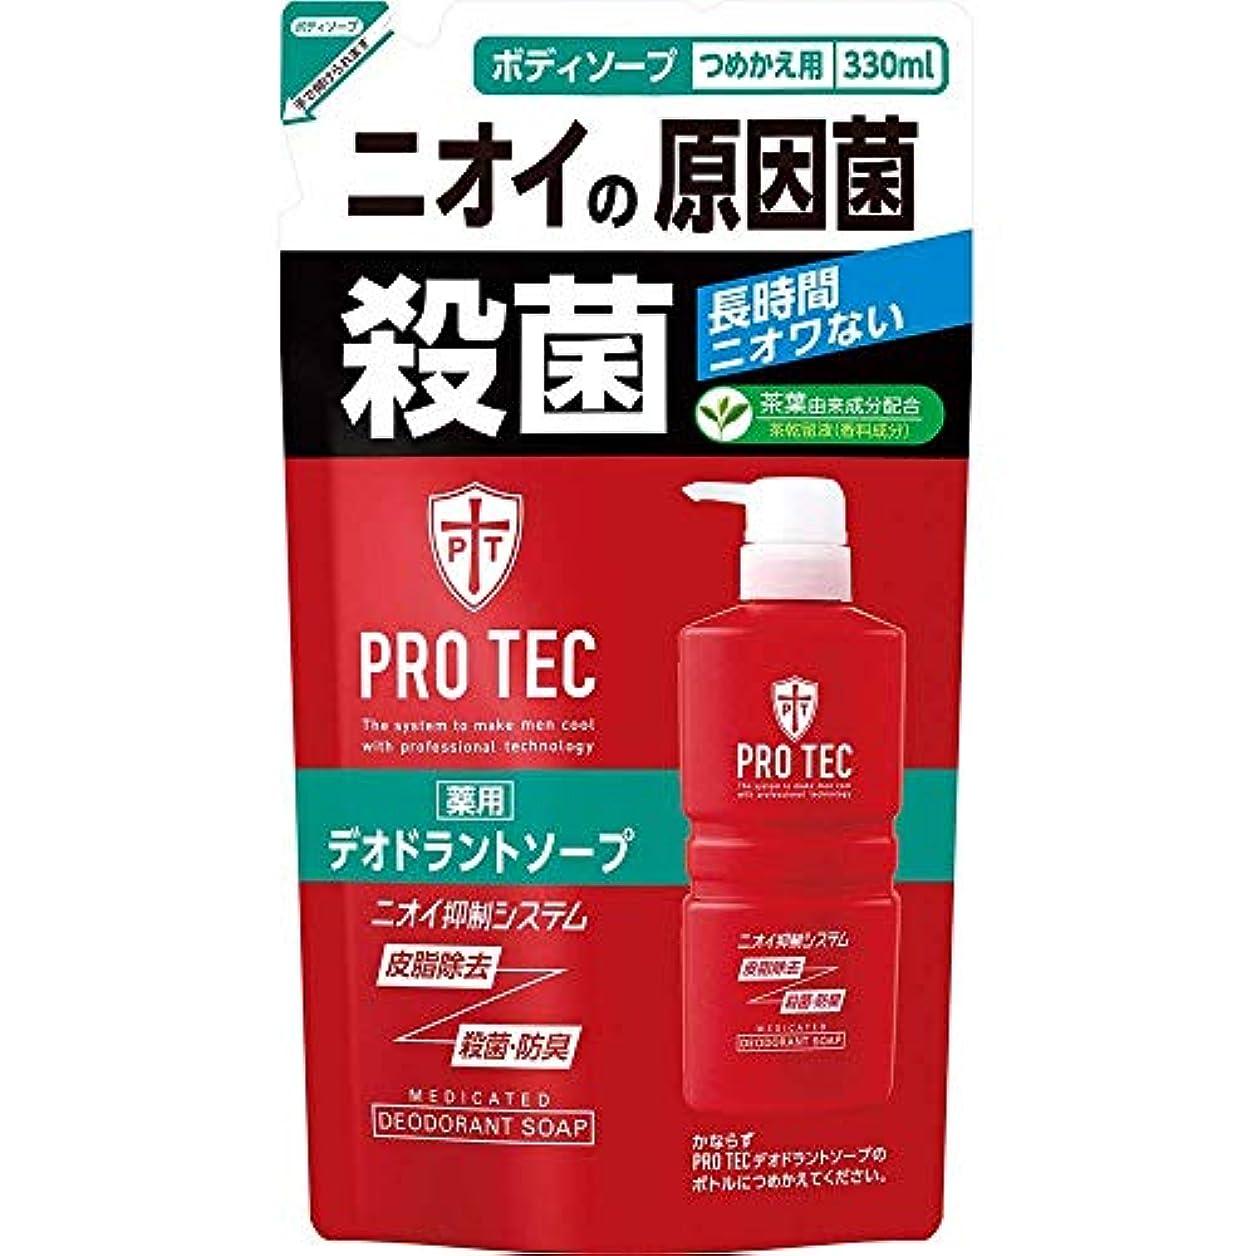 ベーシック顔料誘うPRO TEC デオドラントソープ つめかえ用 330ml ×2セット